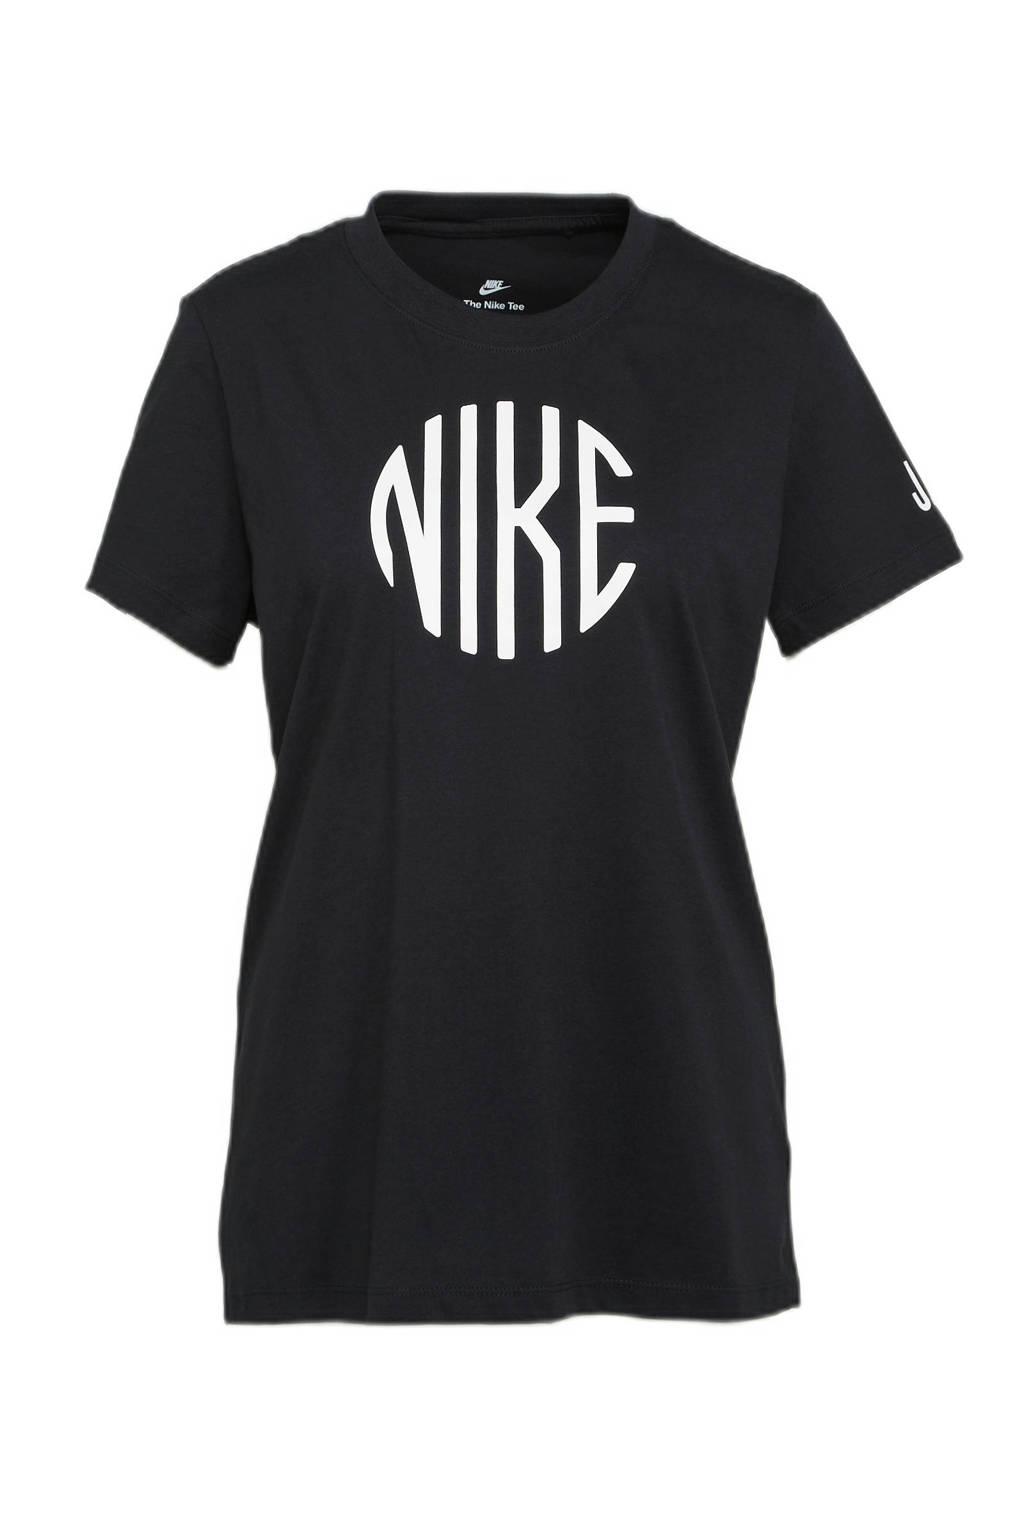 Nike T-shirt met printopdruk zwart/wit, Zwart/wit